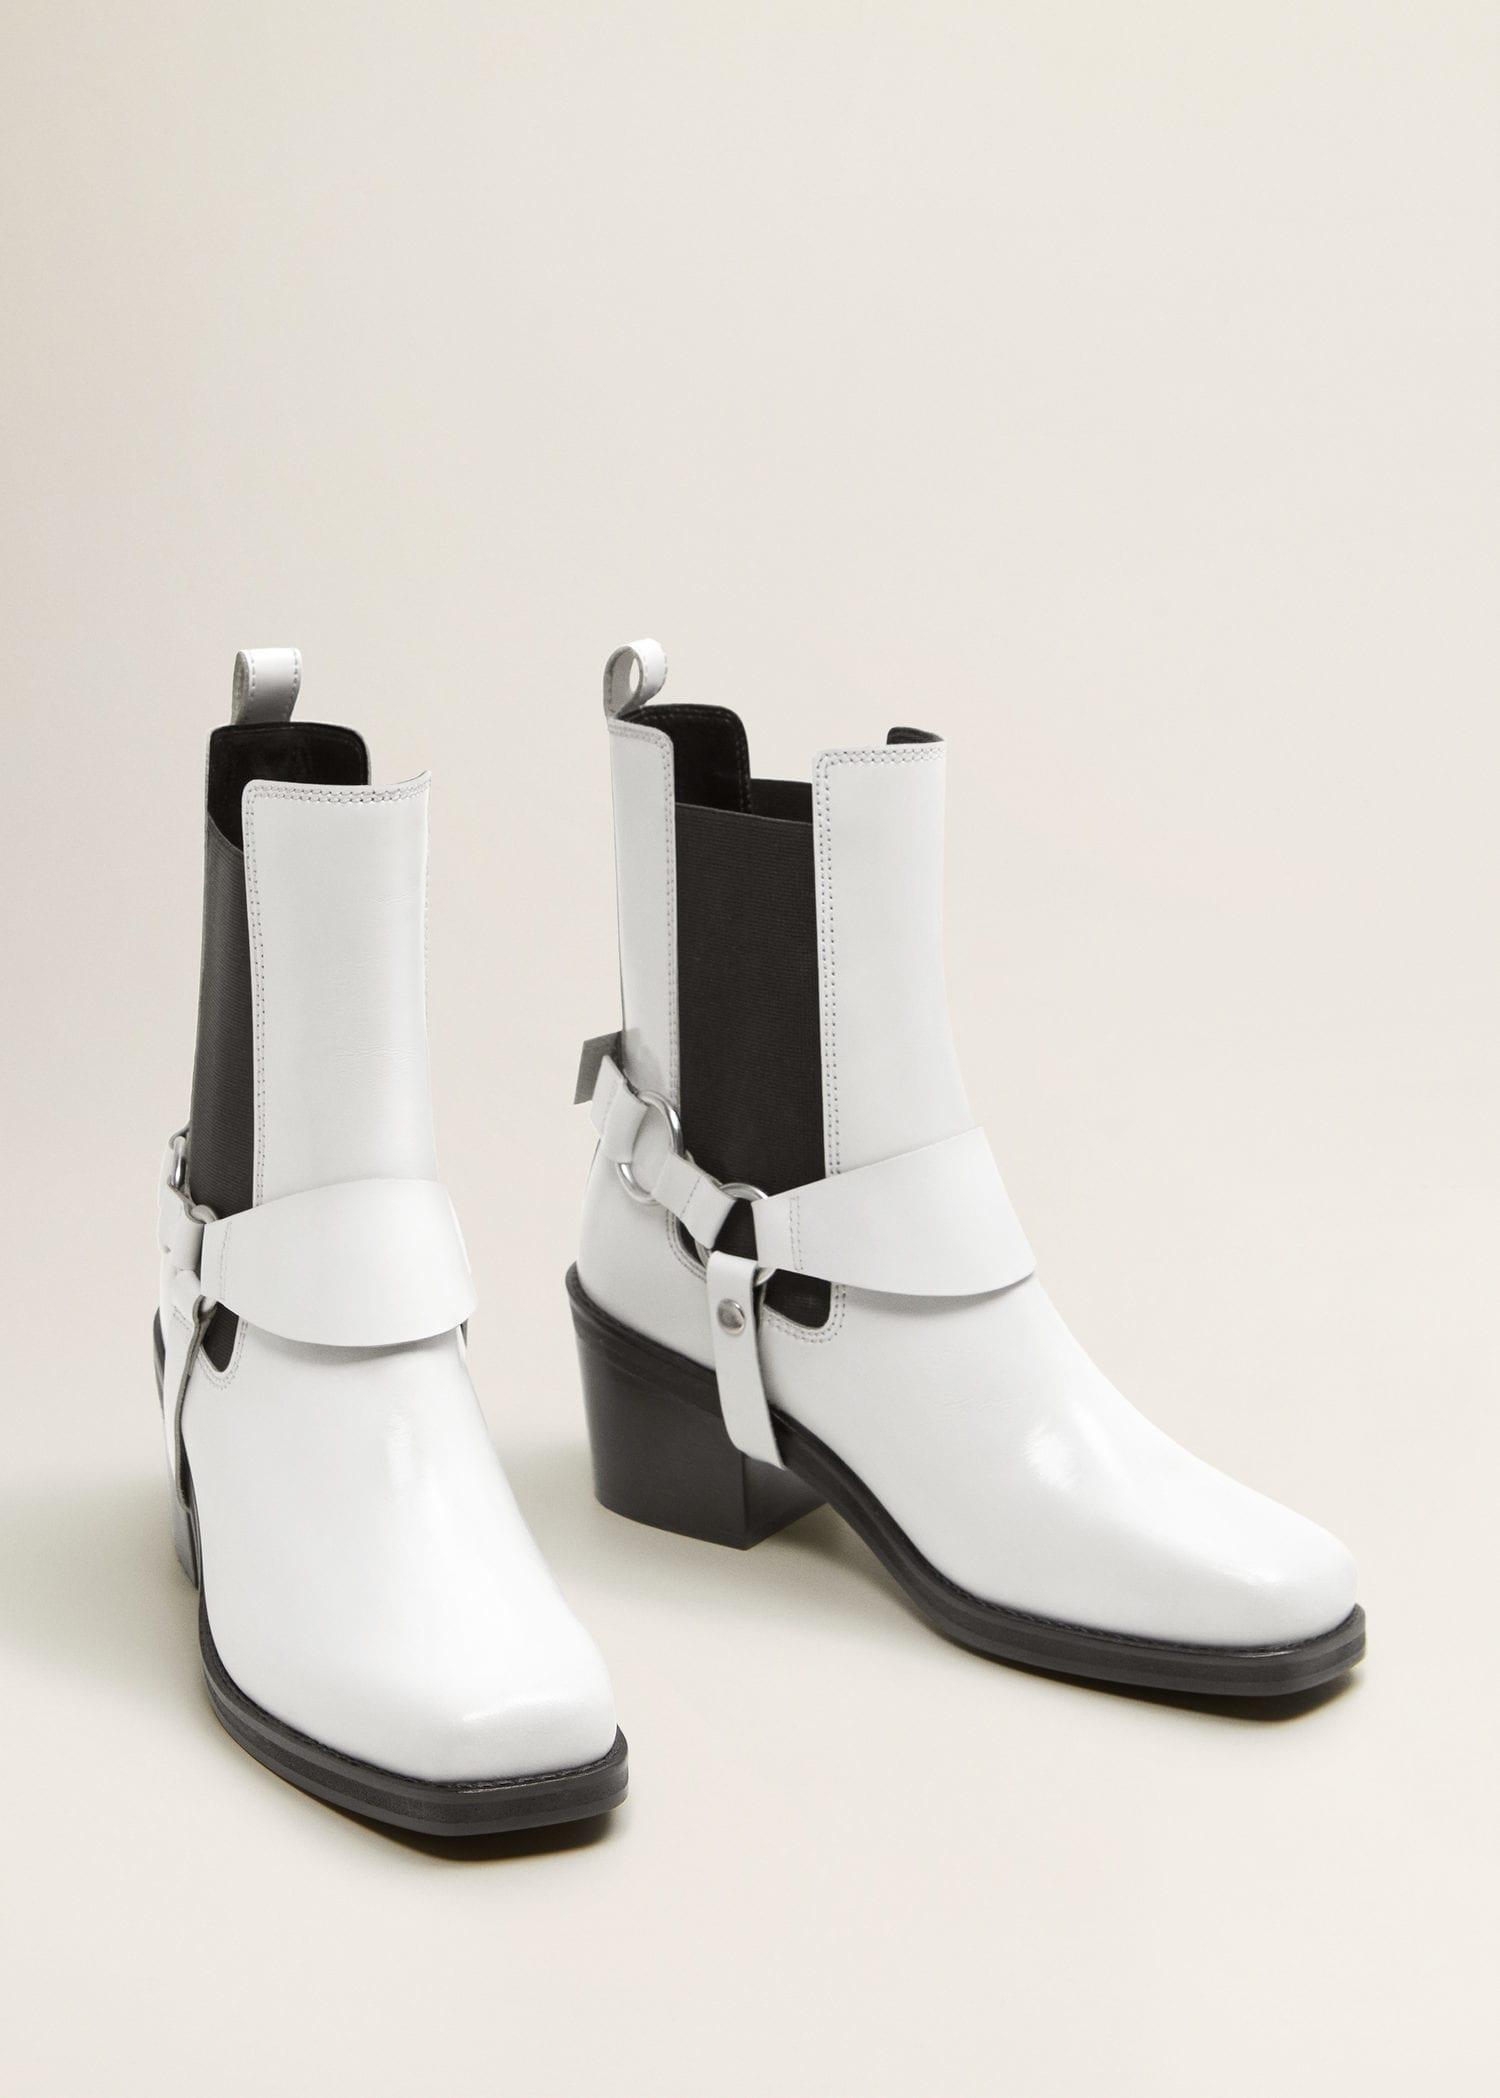 9922e82b37d9 Womens Boots Trends - Best Winter 2019 Boot Styles